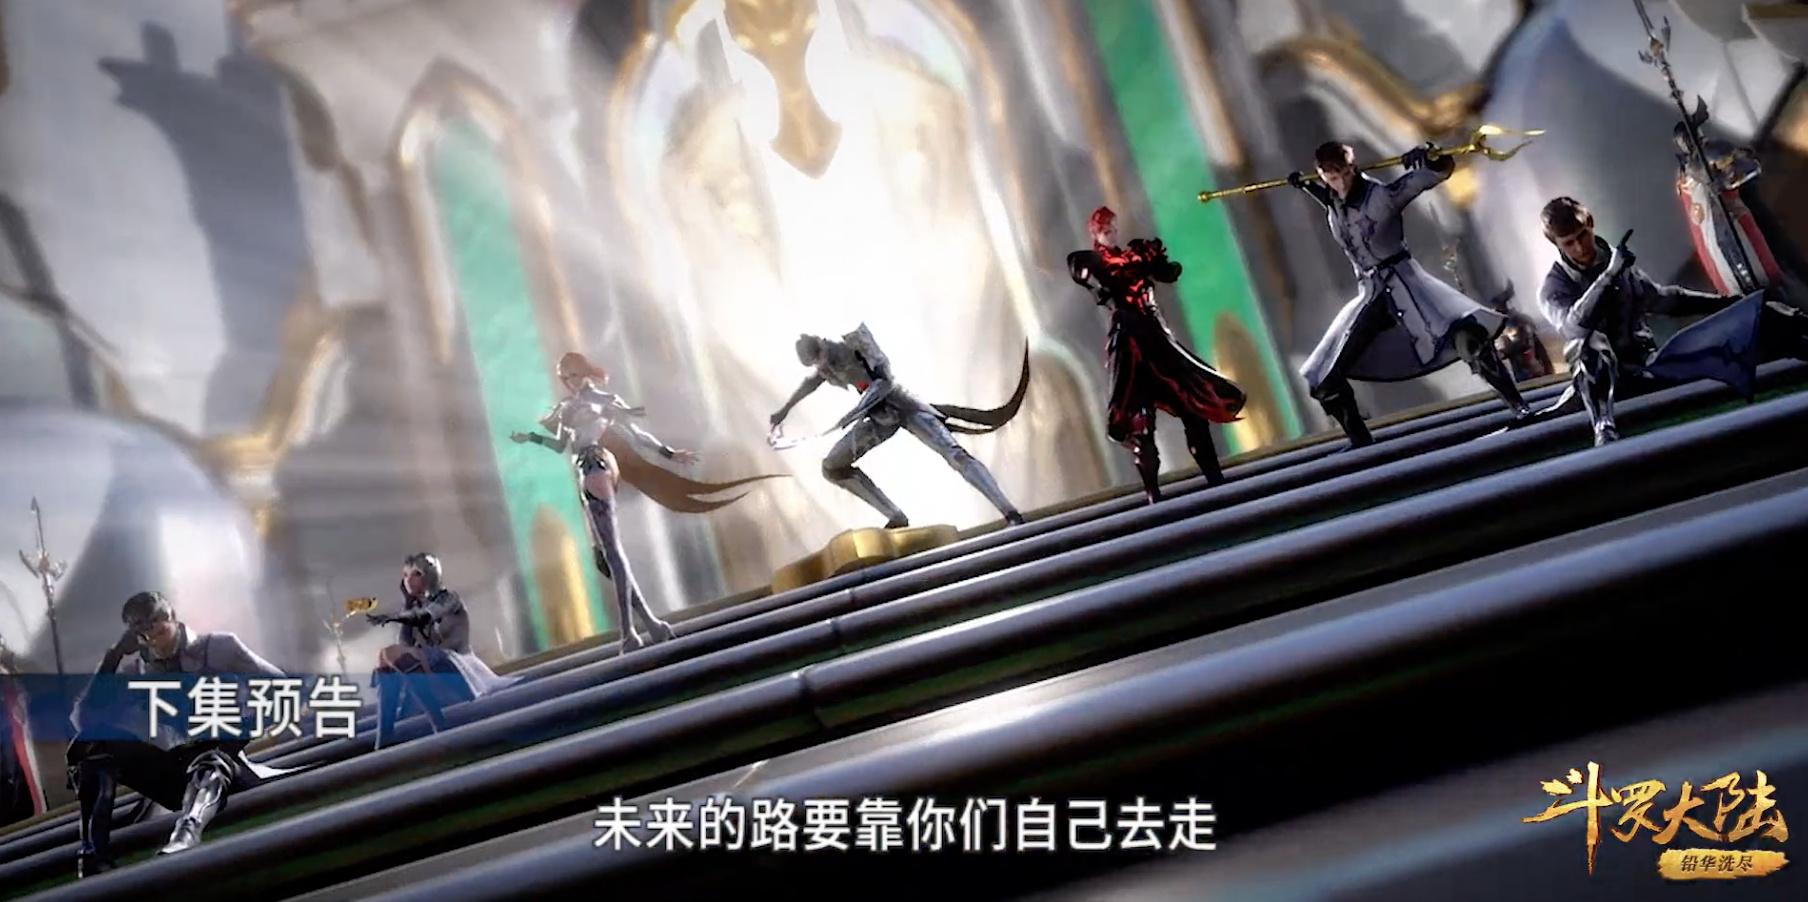 斗羅大陸103集免費在線看:史萊克七怪VS武魂殿戰隊,最刺激的戰斗終于來了